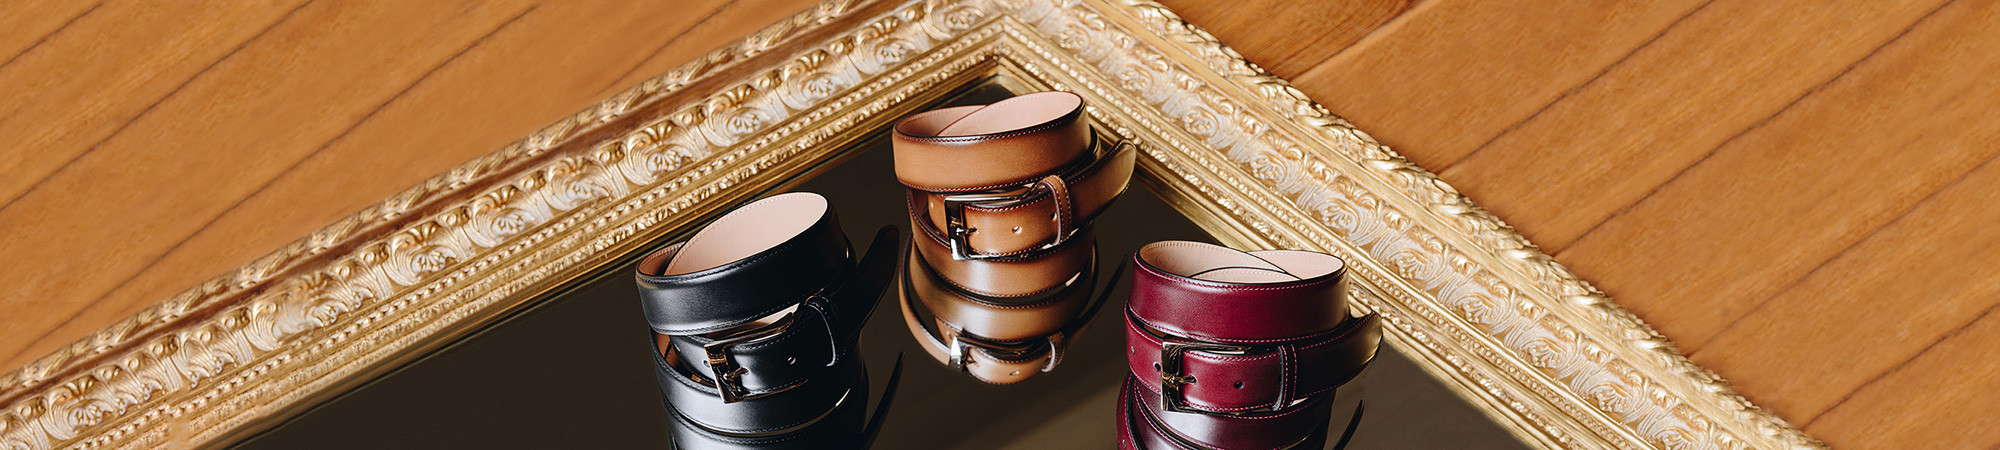 Ceinture pour Homme - les ceintures Emling